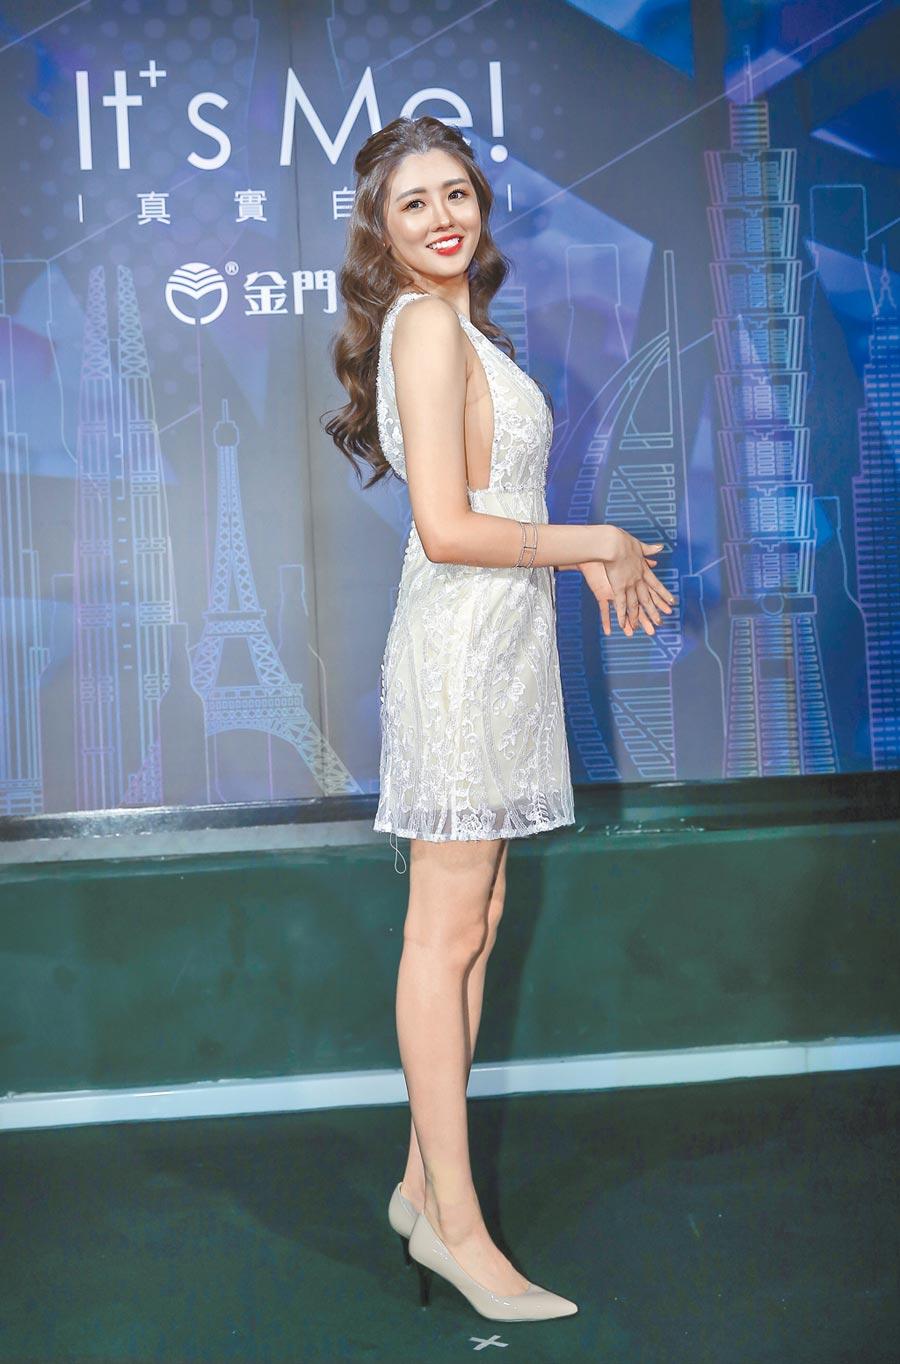 賴琳恩昨穿亮片連身洋裝出席時尚酒吧開幕活動,凹凸有致的身材性感耀眼。(盧禕祺攝)